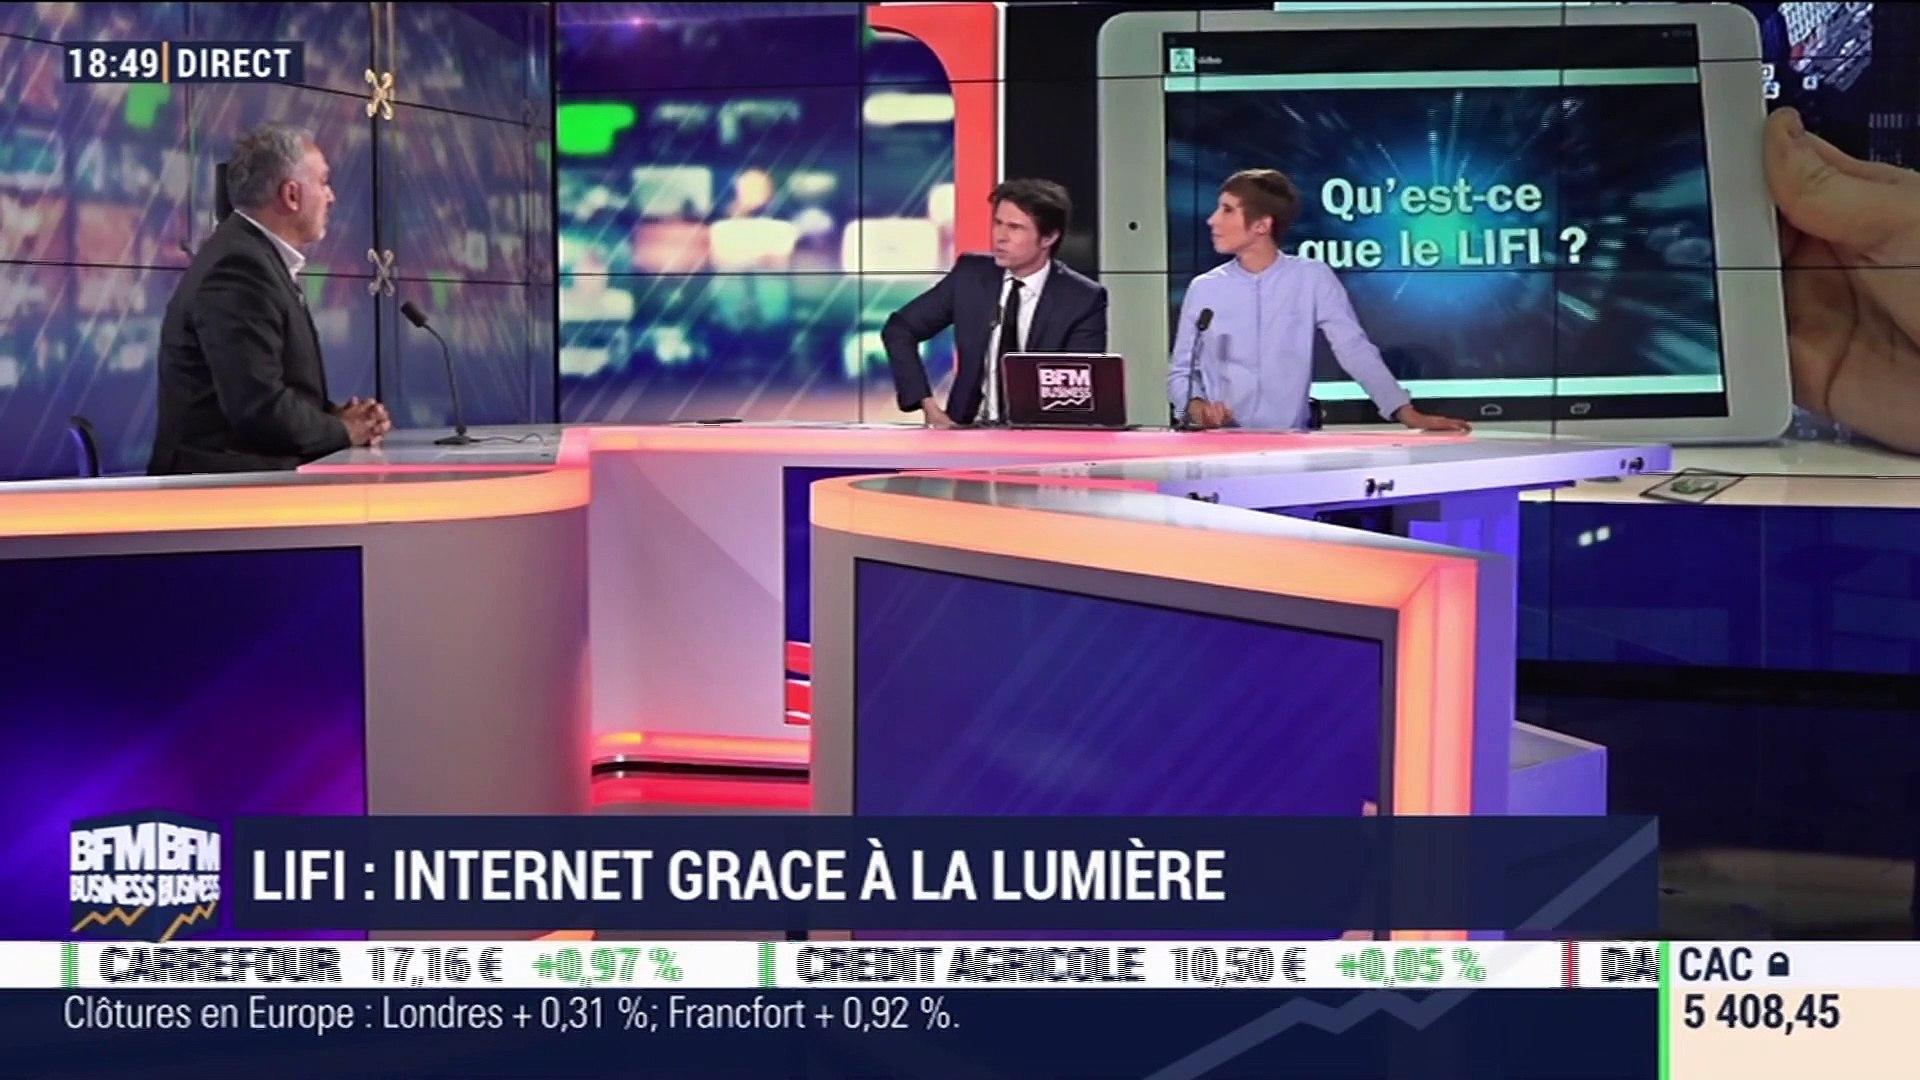 LifiInternet À La Grâce Lumière 1106 trQshdC